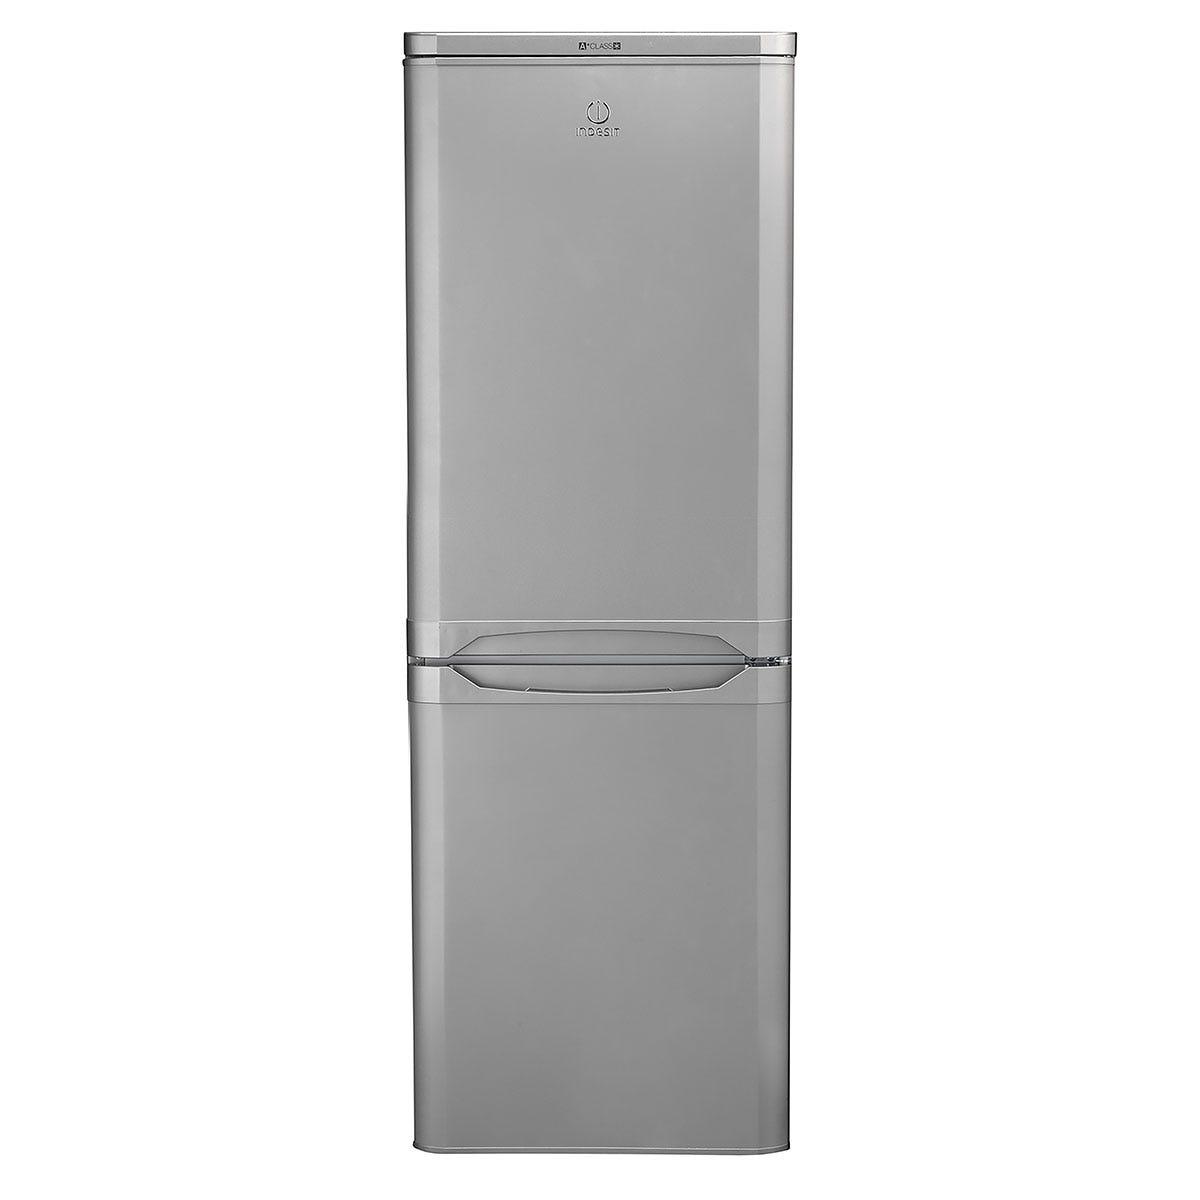 indesit ibd5515suk 153l 50/50 fridge freezer - silver